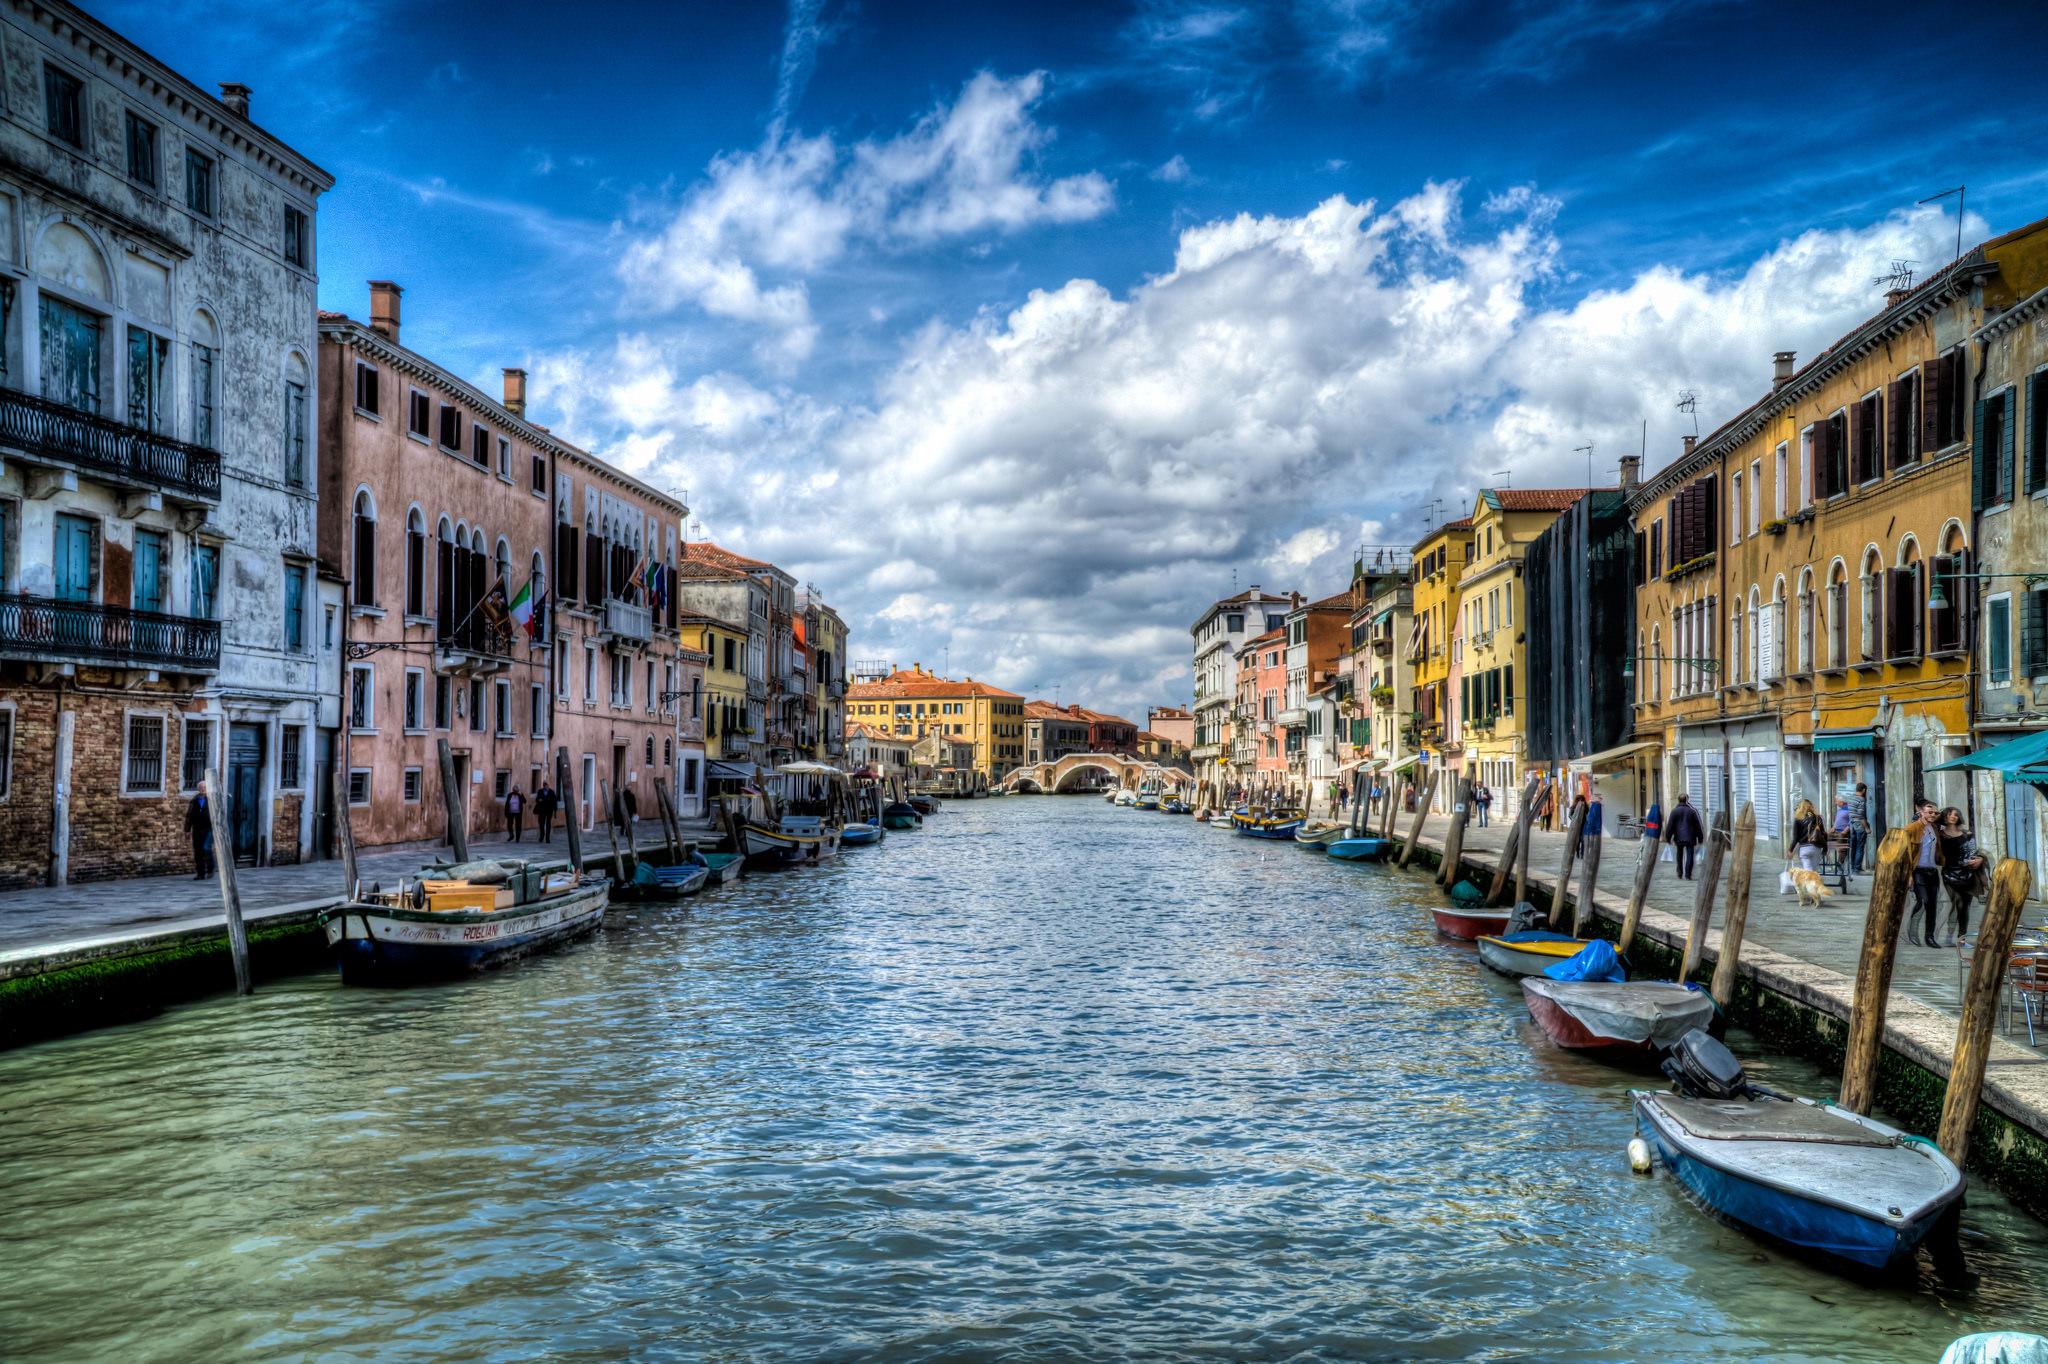 обои Венеция, Италия, Гранд канал картинки фото